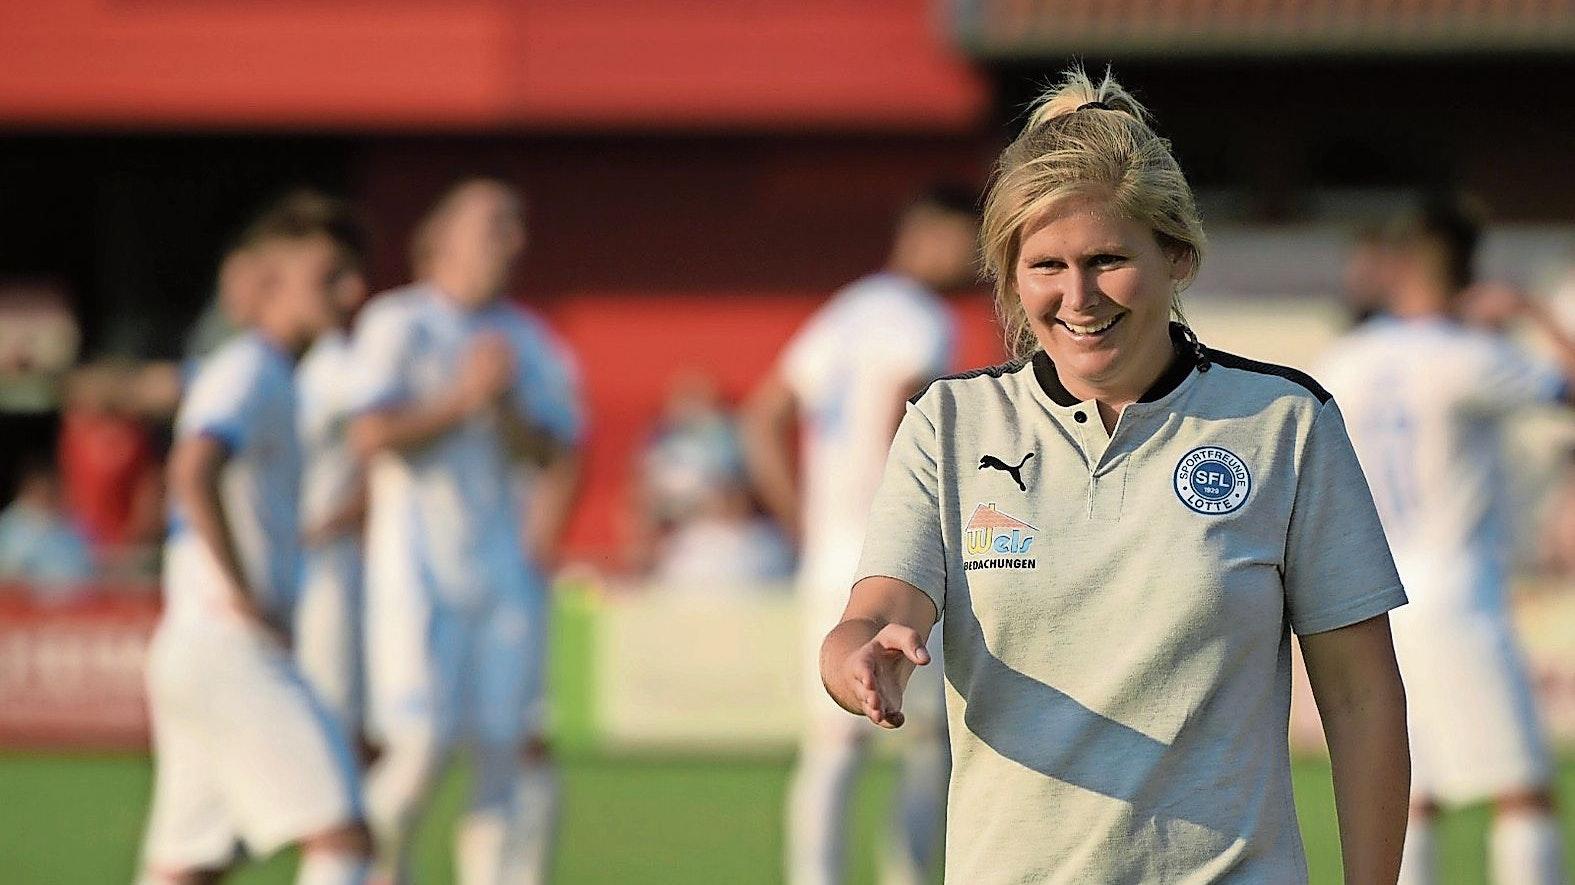 Freude an der neuen Aufgabe: Fußballlehrerin Imke Wübbenhorst hat sich als Trainerin bei den Sportfreunden Lotte in der Regionalliga West gut eingelebt. Foto: Frank Diederich